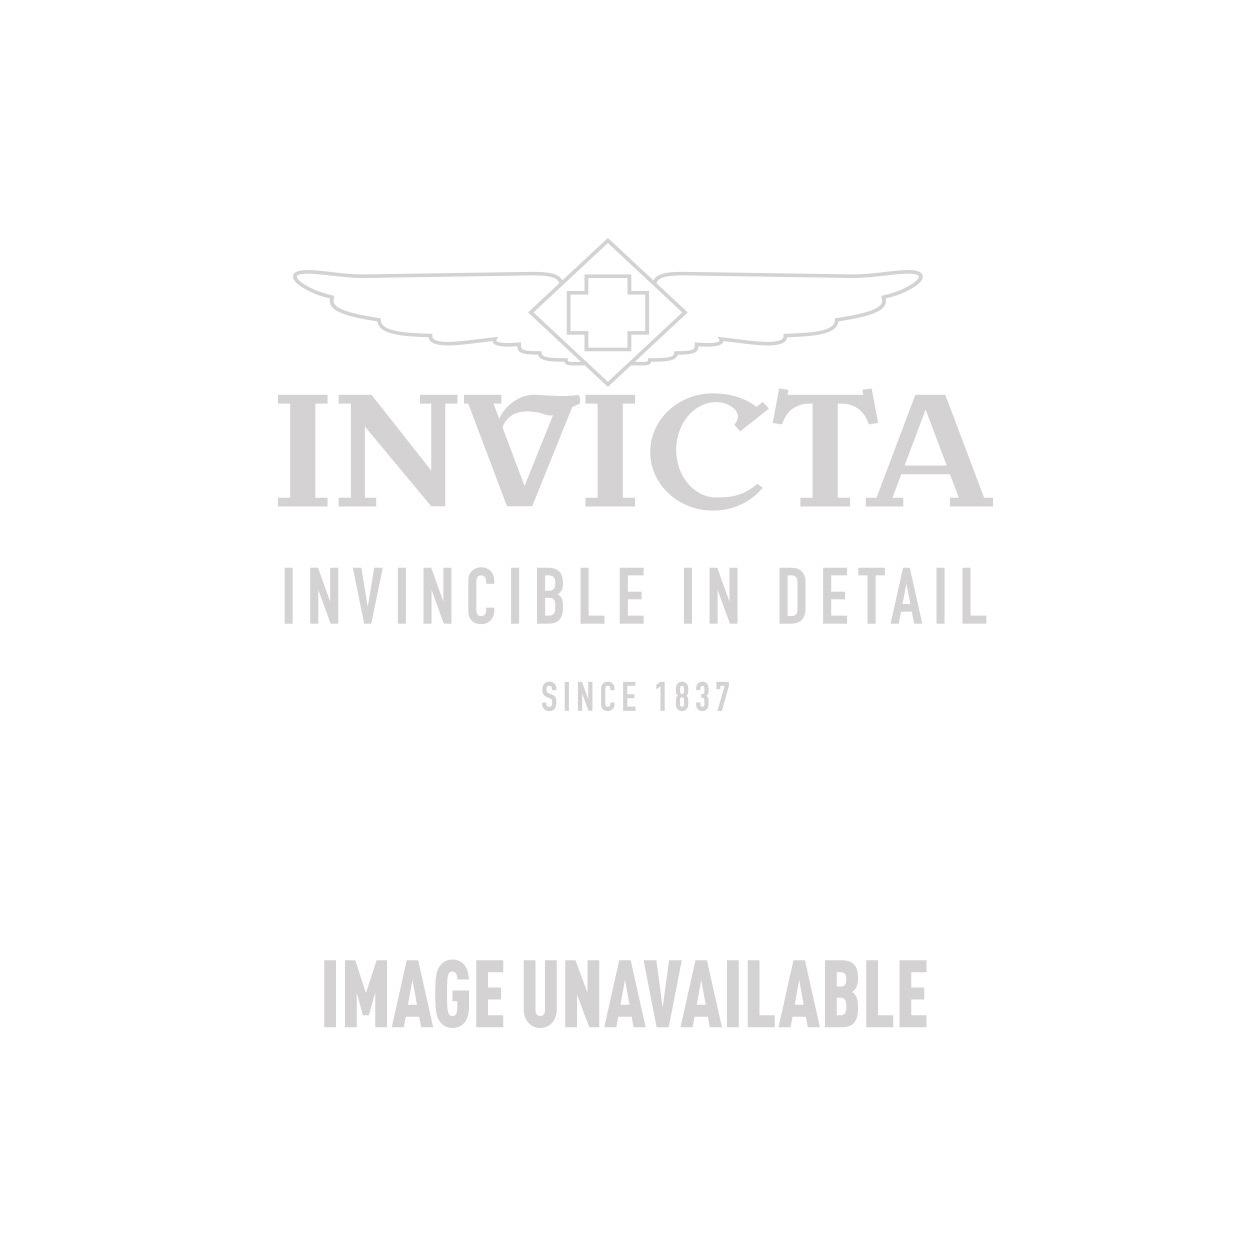 Invicta Model 28095